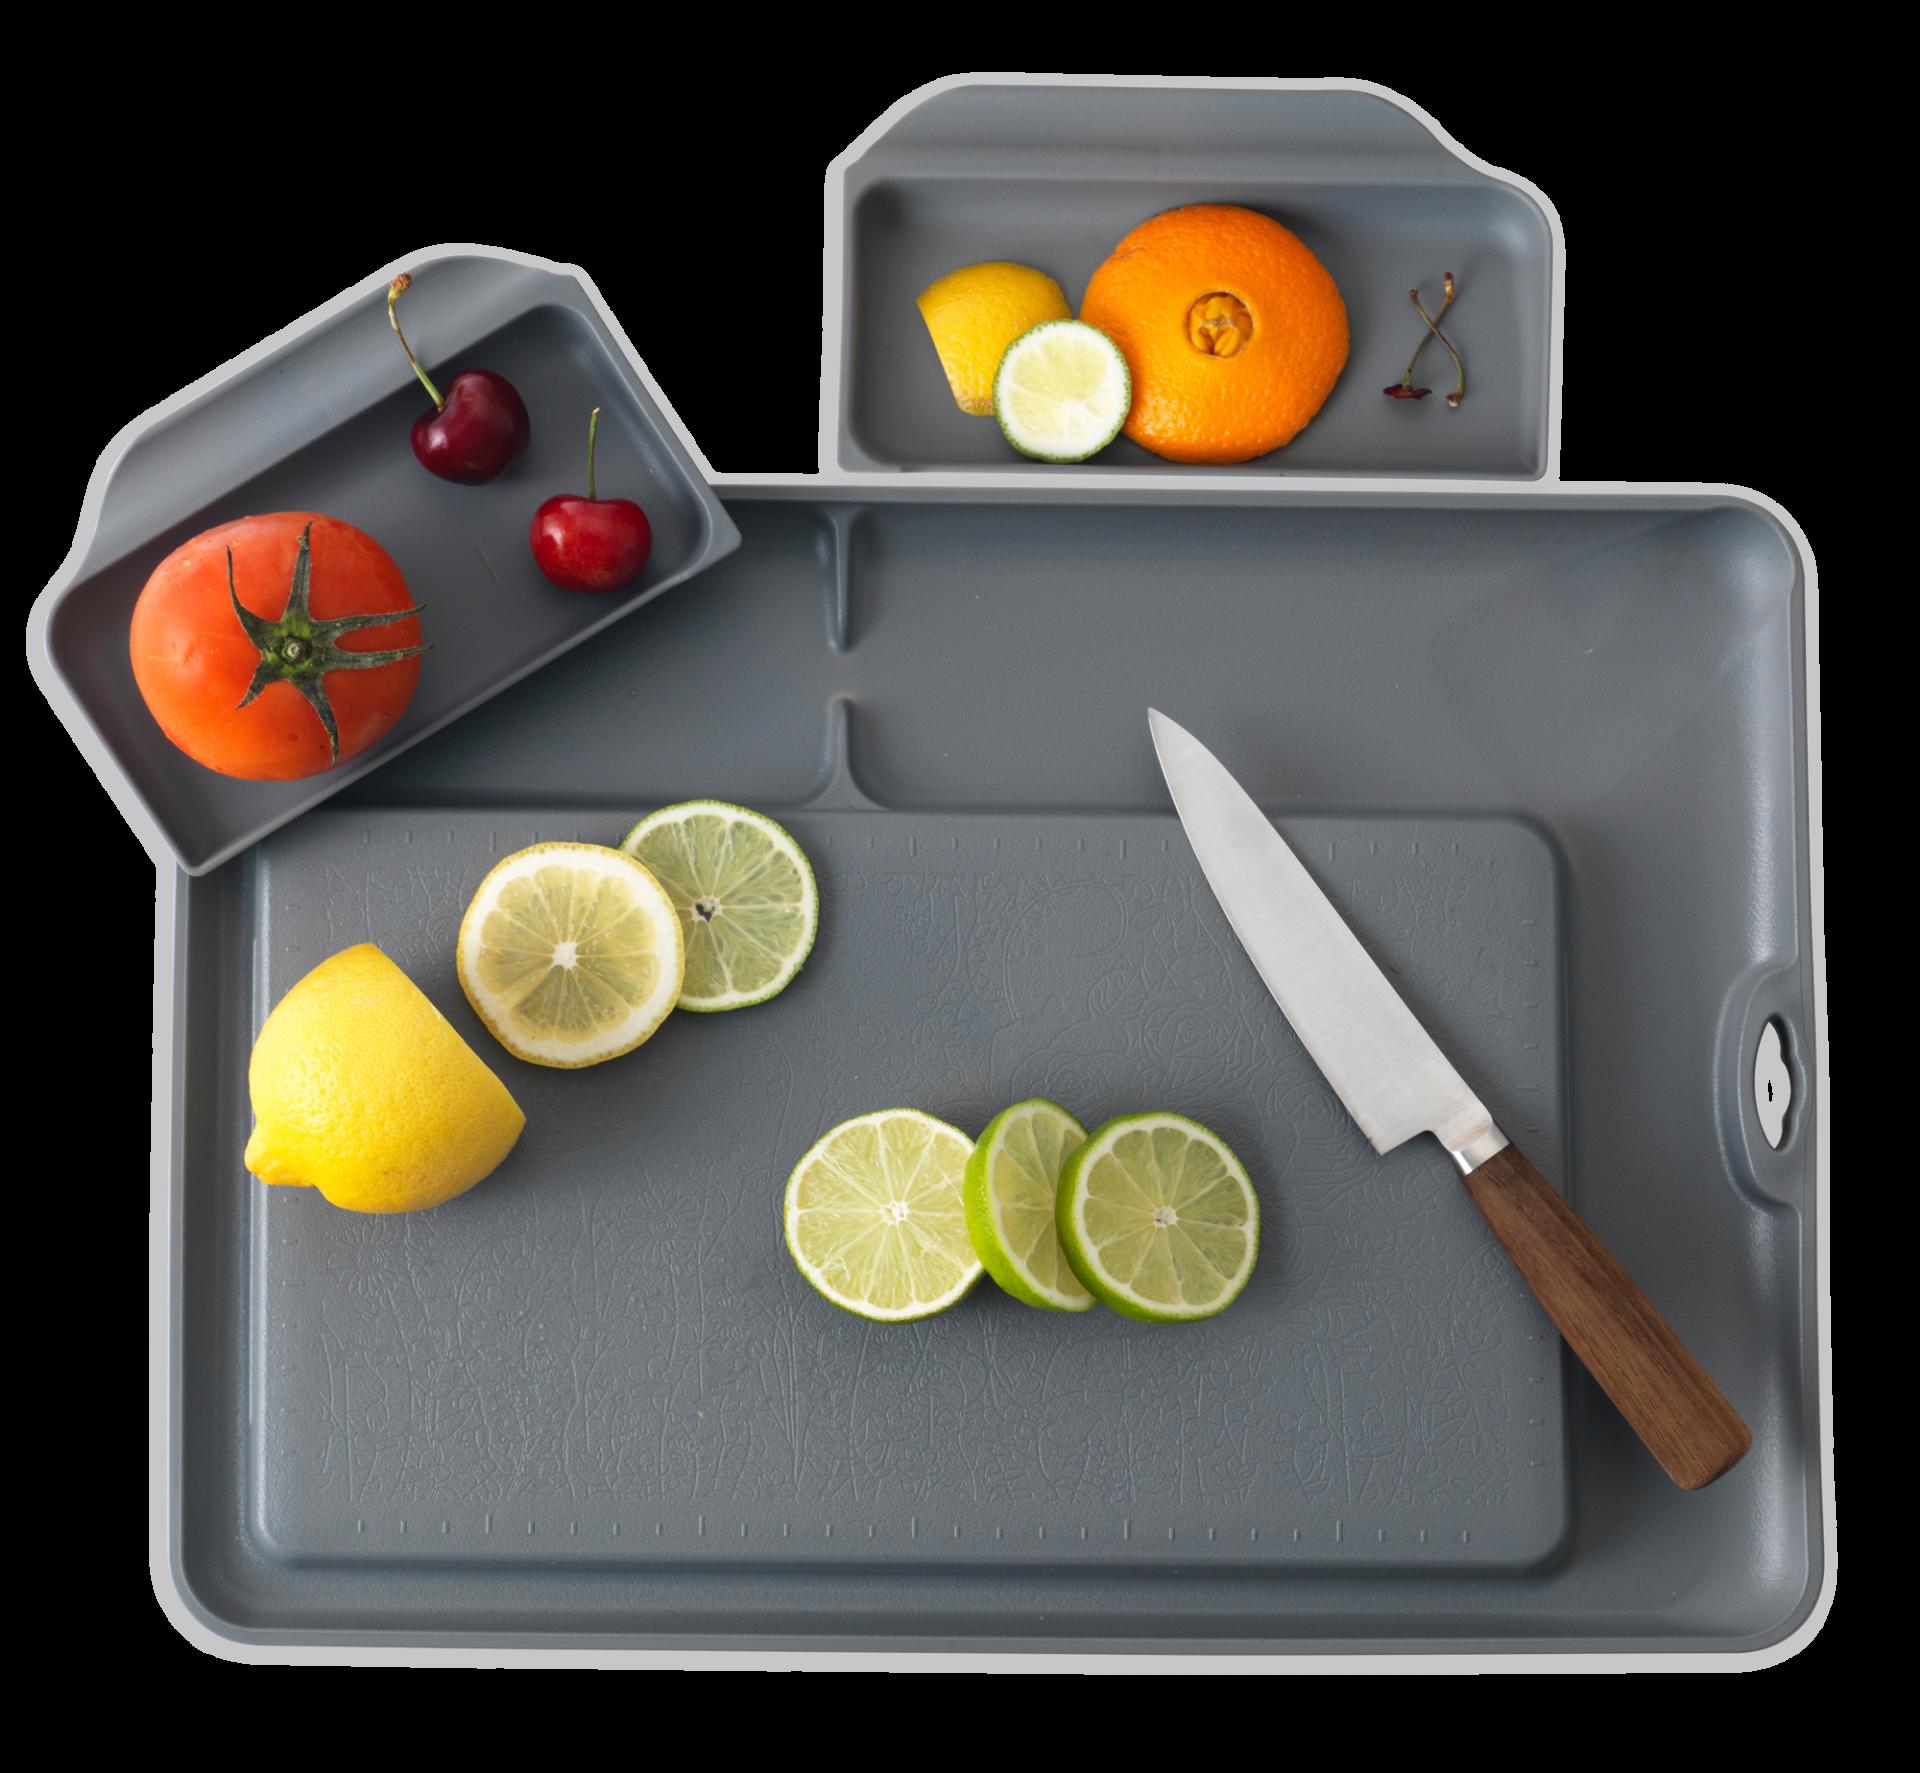 JMgreen プラスチック まな板 カッティングボード 受皿 付き 抗菌加工 食洗機OK 滑り止めつき 韓国 人気 便利 キッチン 料理 野菜 包丁 カット 時間短縮 効率的 料理器具